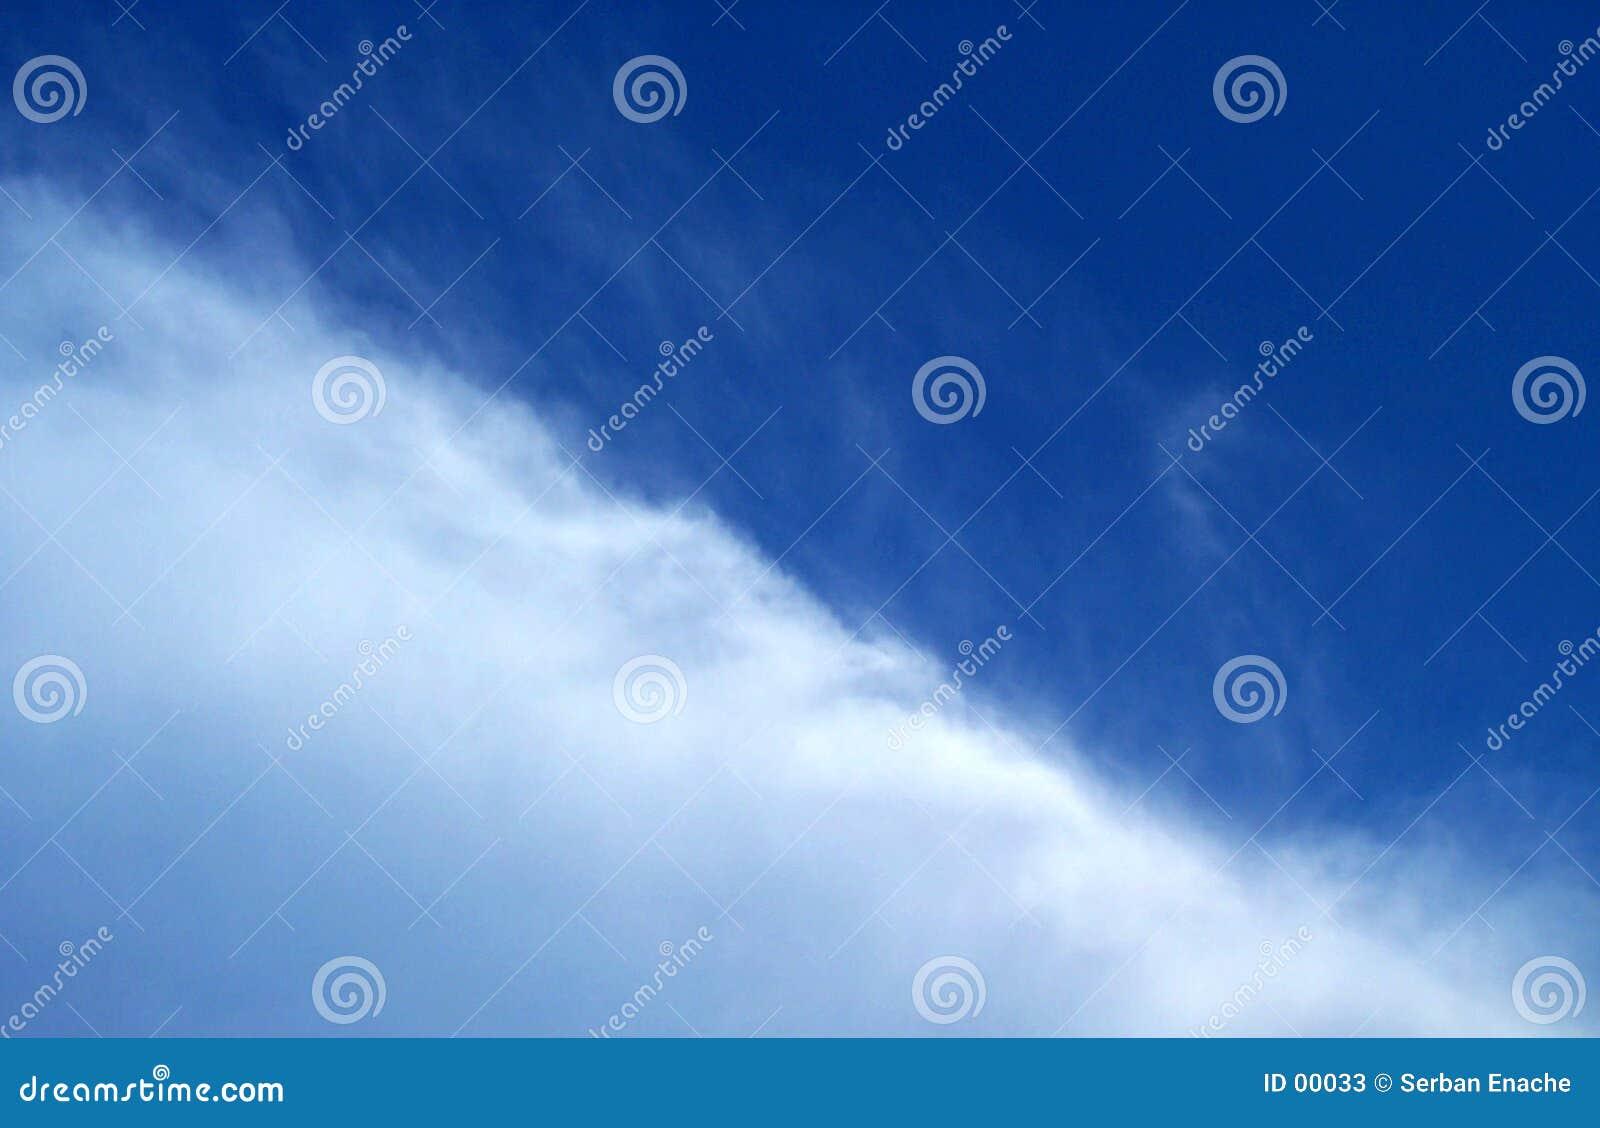 Half sky